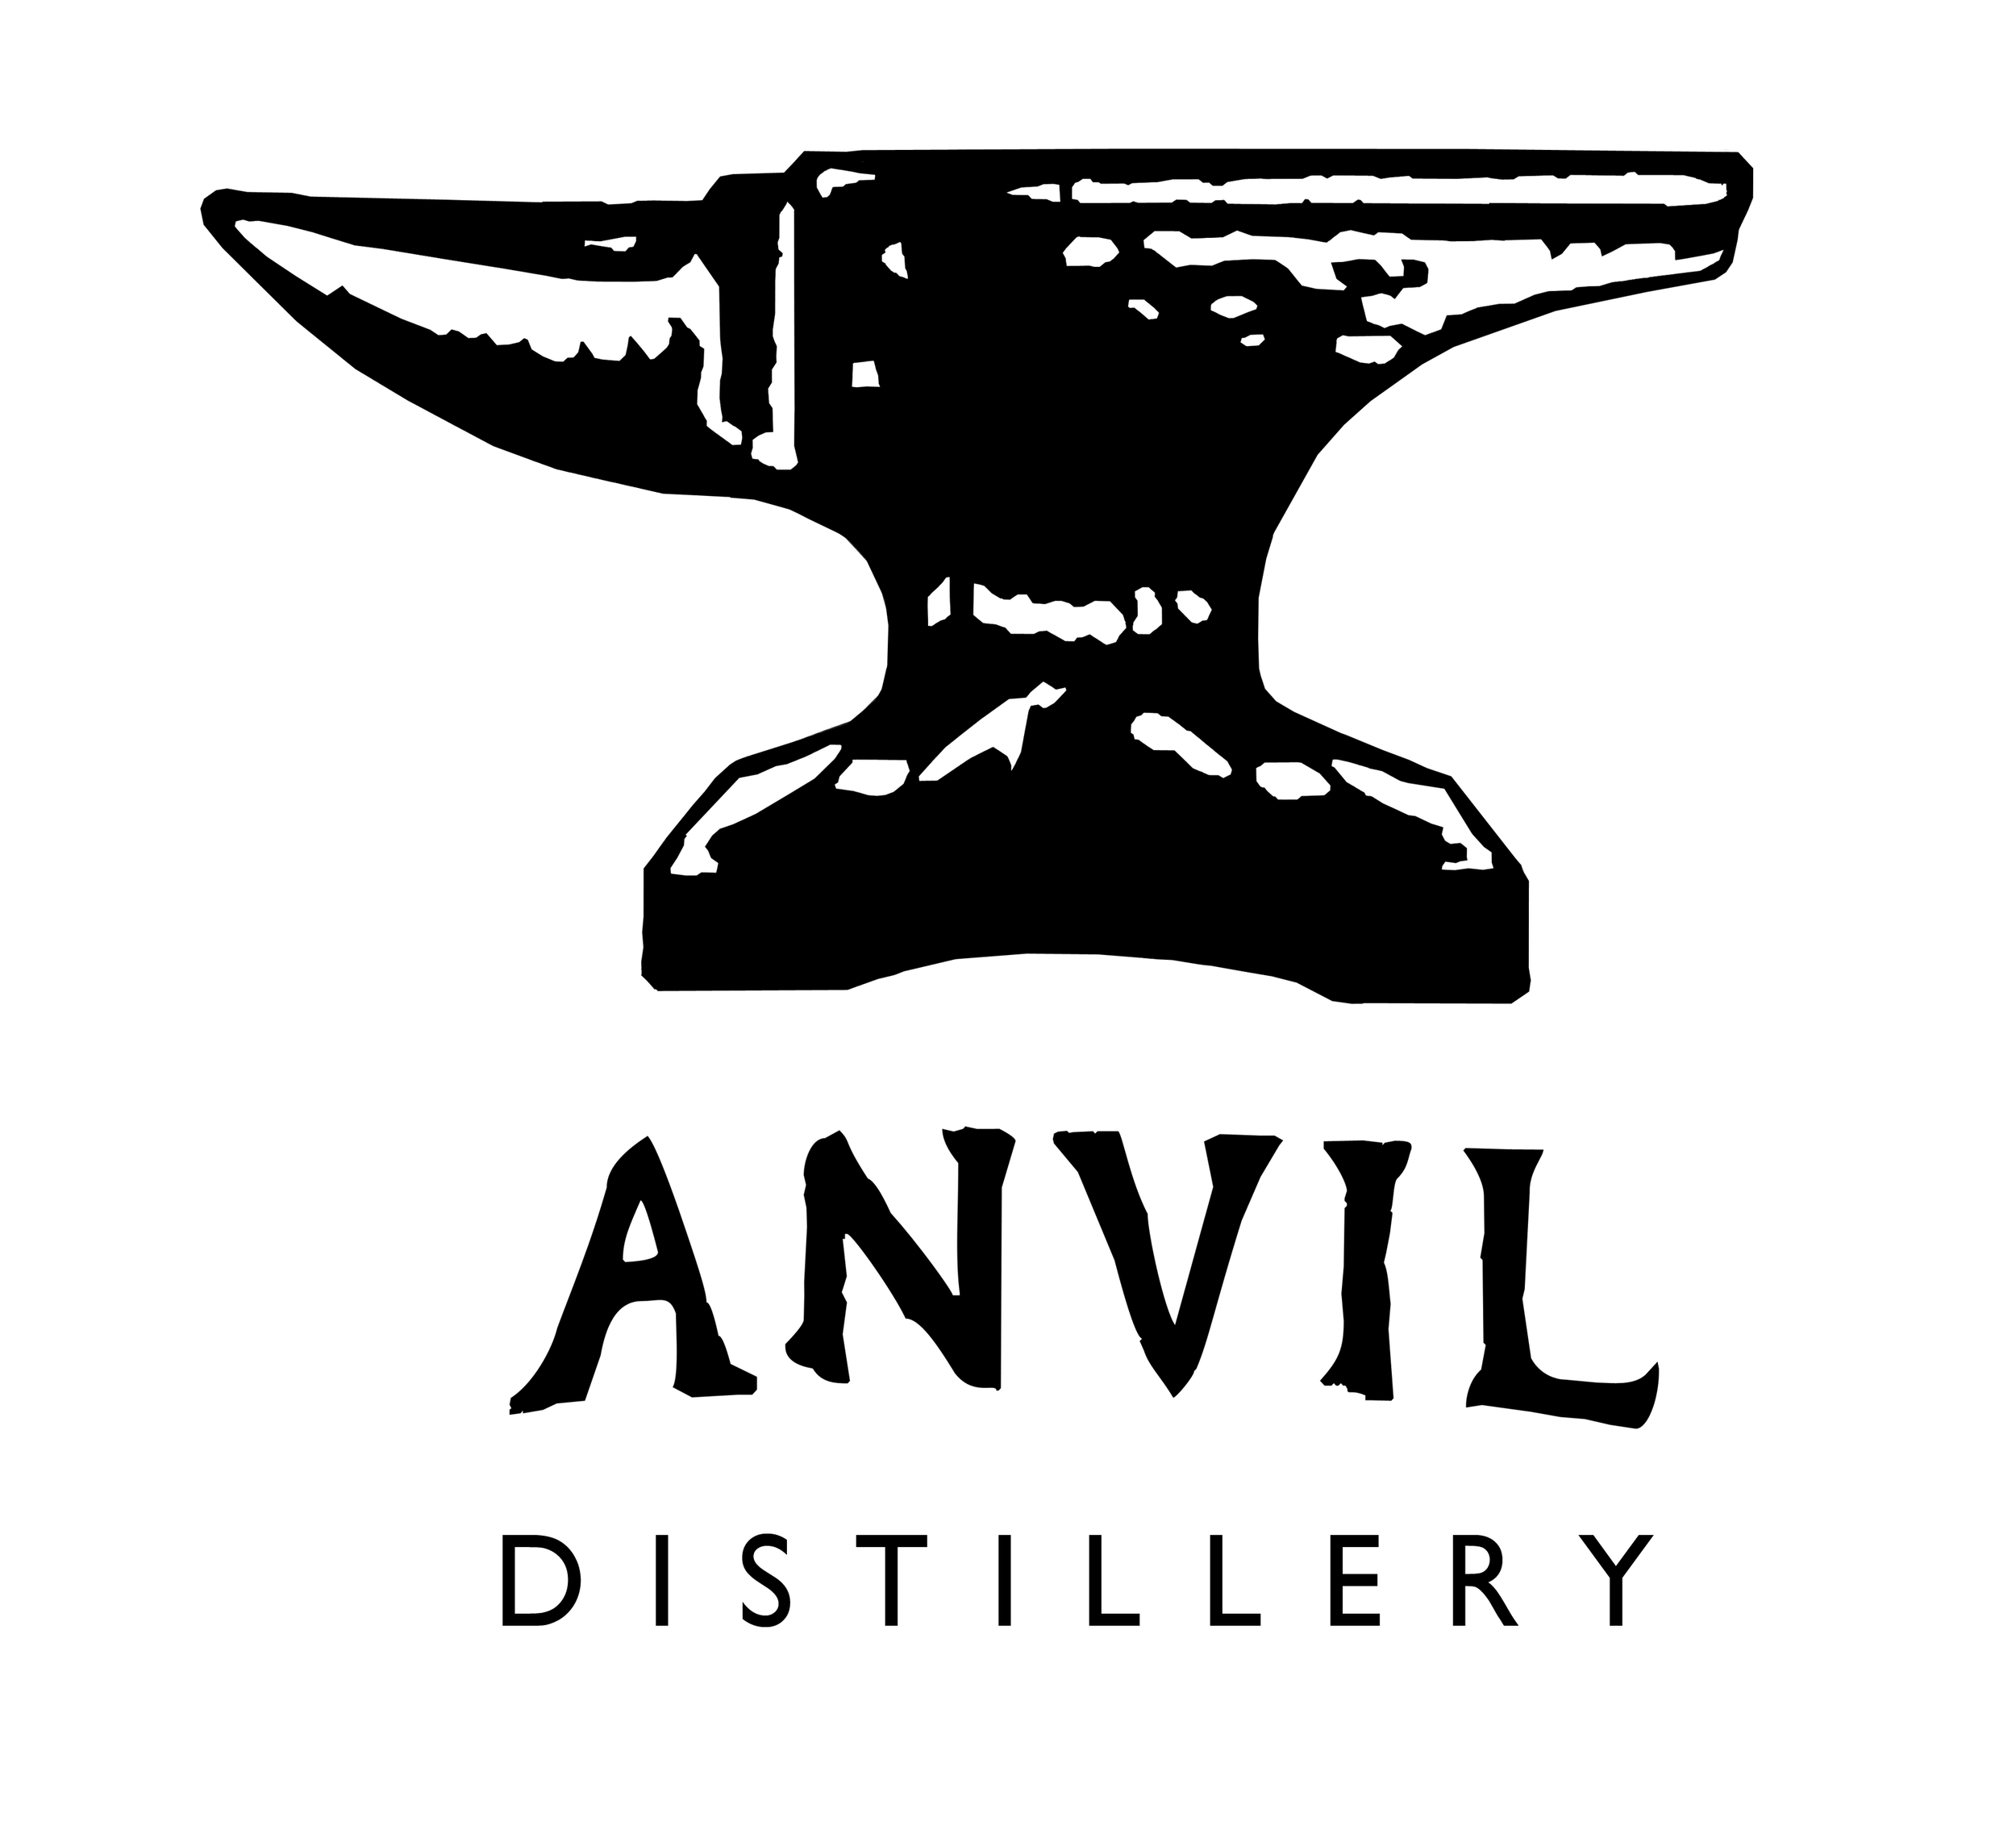 AnvilLogo-noDist.png